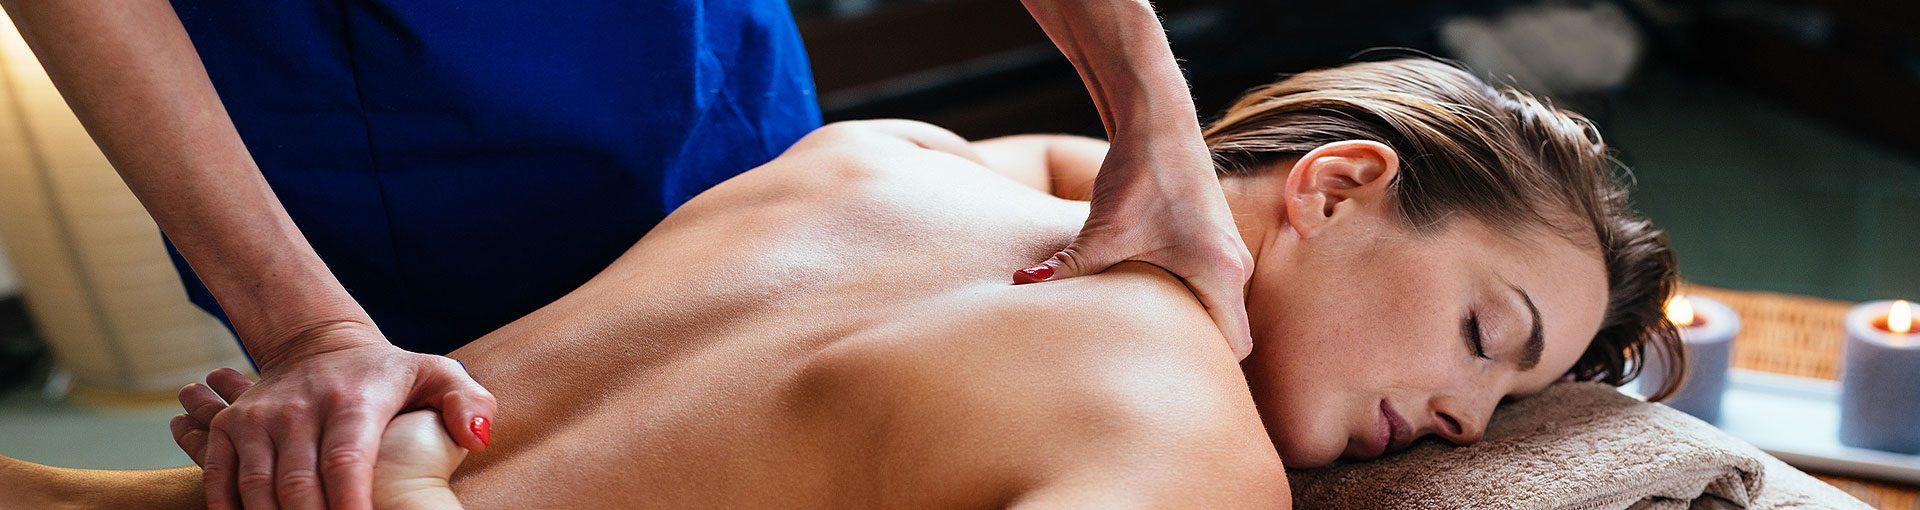 masaże Kabaty i Ursynów